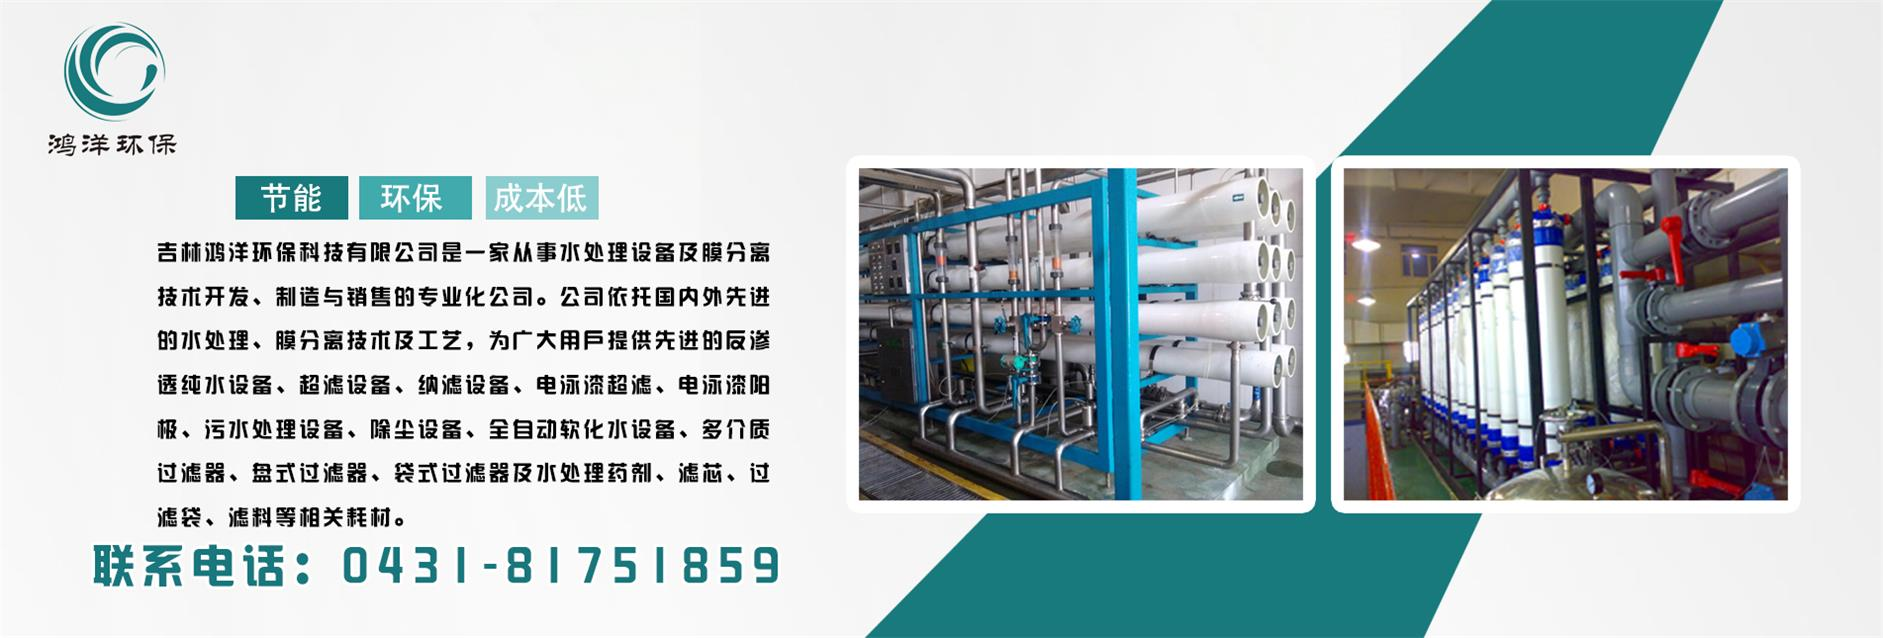 吉林省长春污水处理